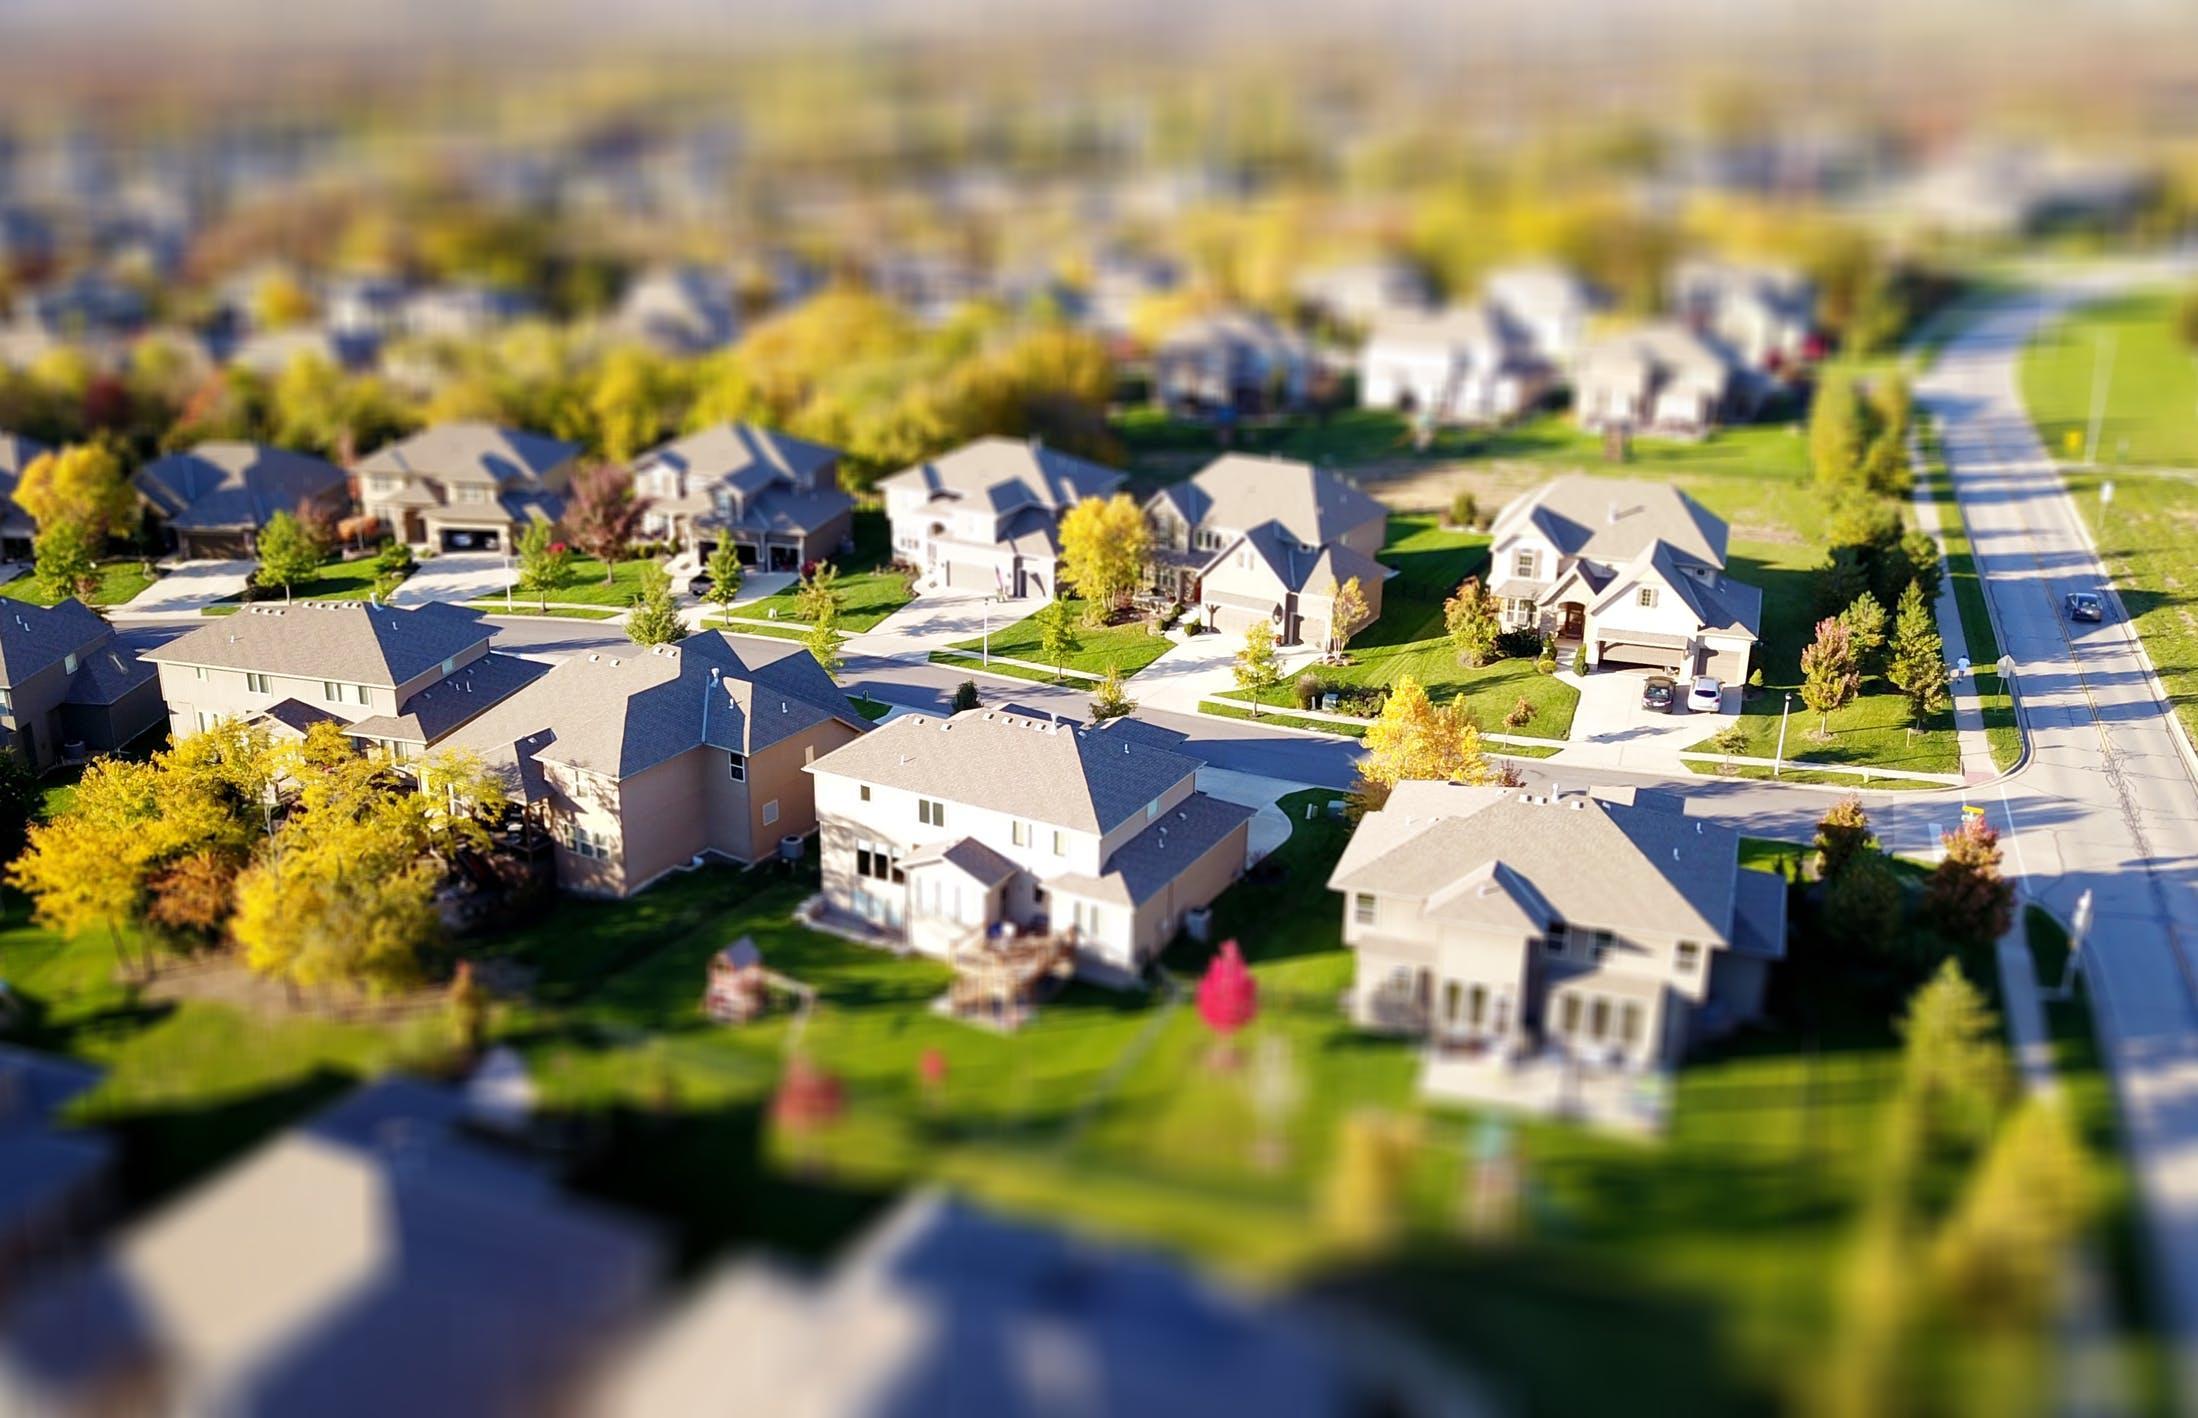 ВТБ: объем сделок с загородными домами в этом году вырос в 1,5 раза - новости Афанасий